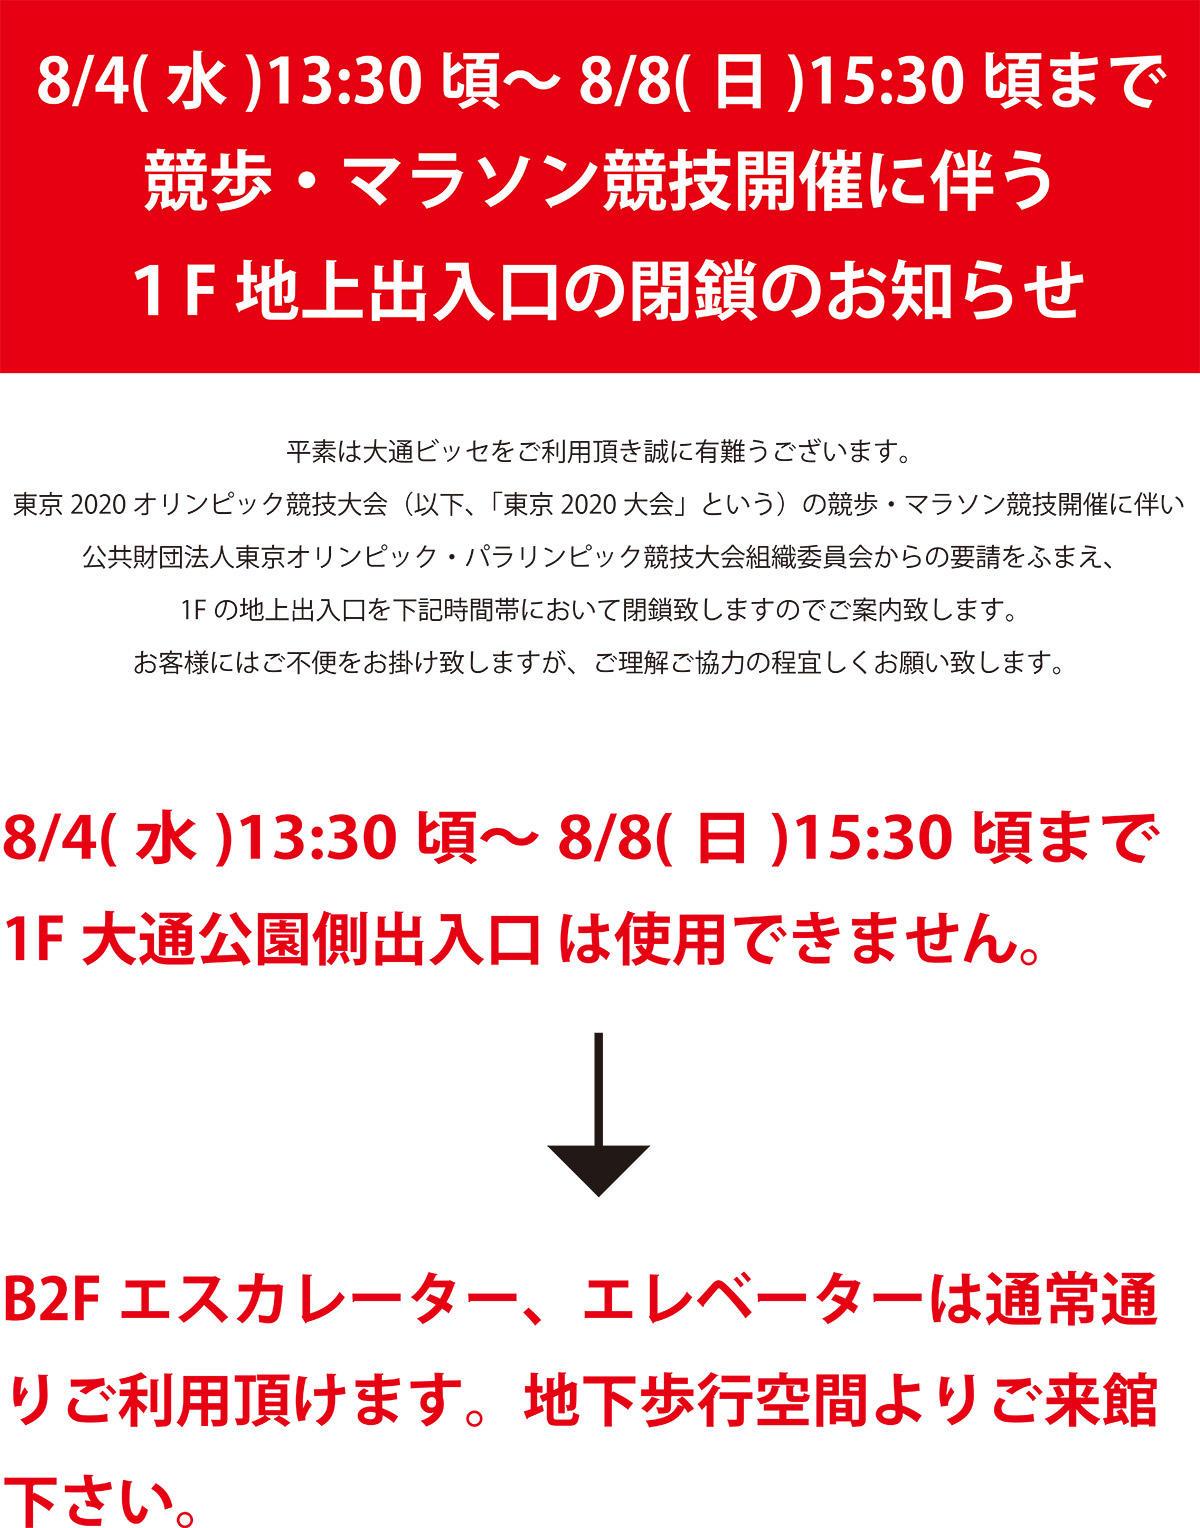 https://www.odori-bisse.com/info/information.jpg